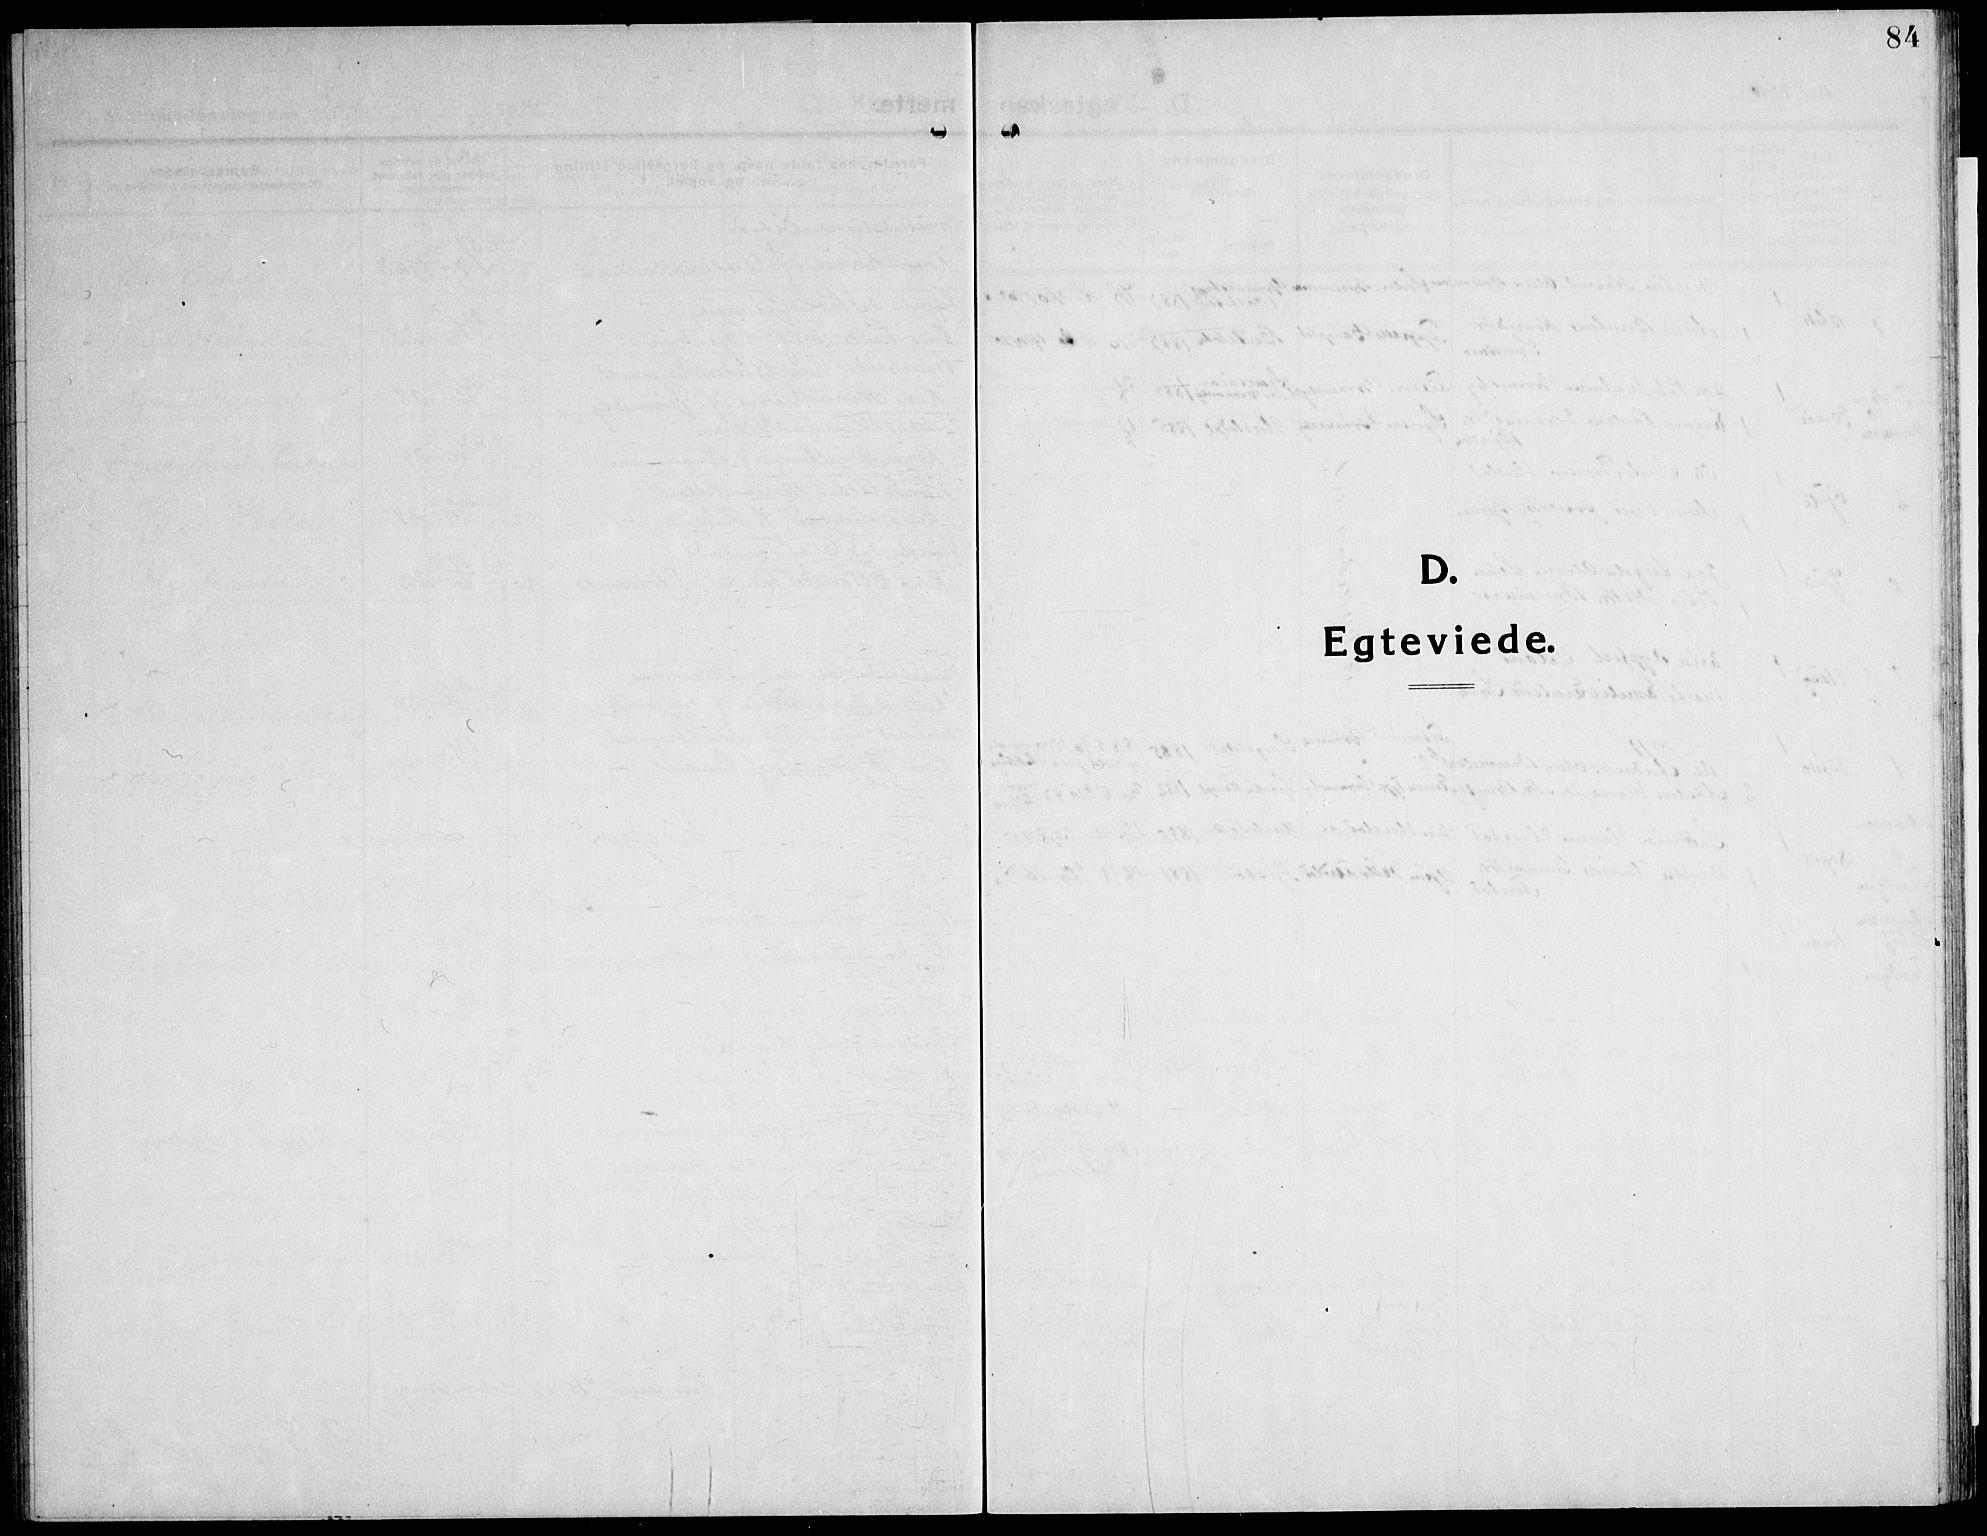 SAT, Ministerialprotokoller, klokkerbøker og fødselsregistre - Nord-Trøndelag, 732/L0319: Klokkerbok nr. 732C03, 1911-1945, s. 84